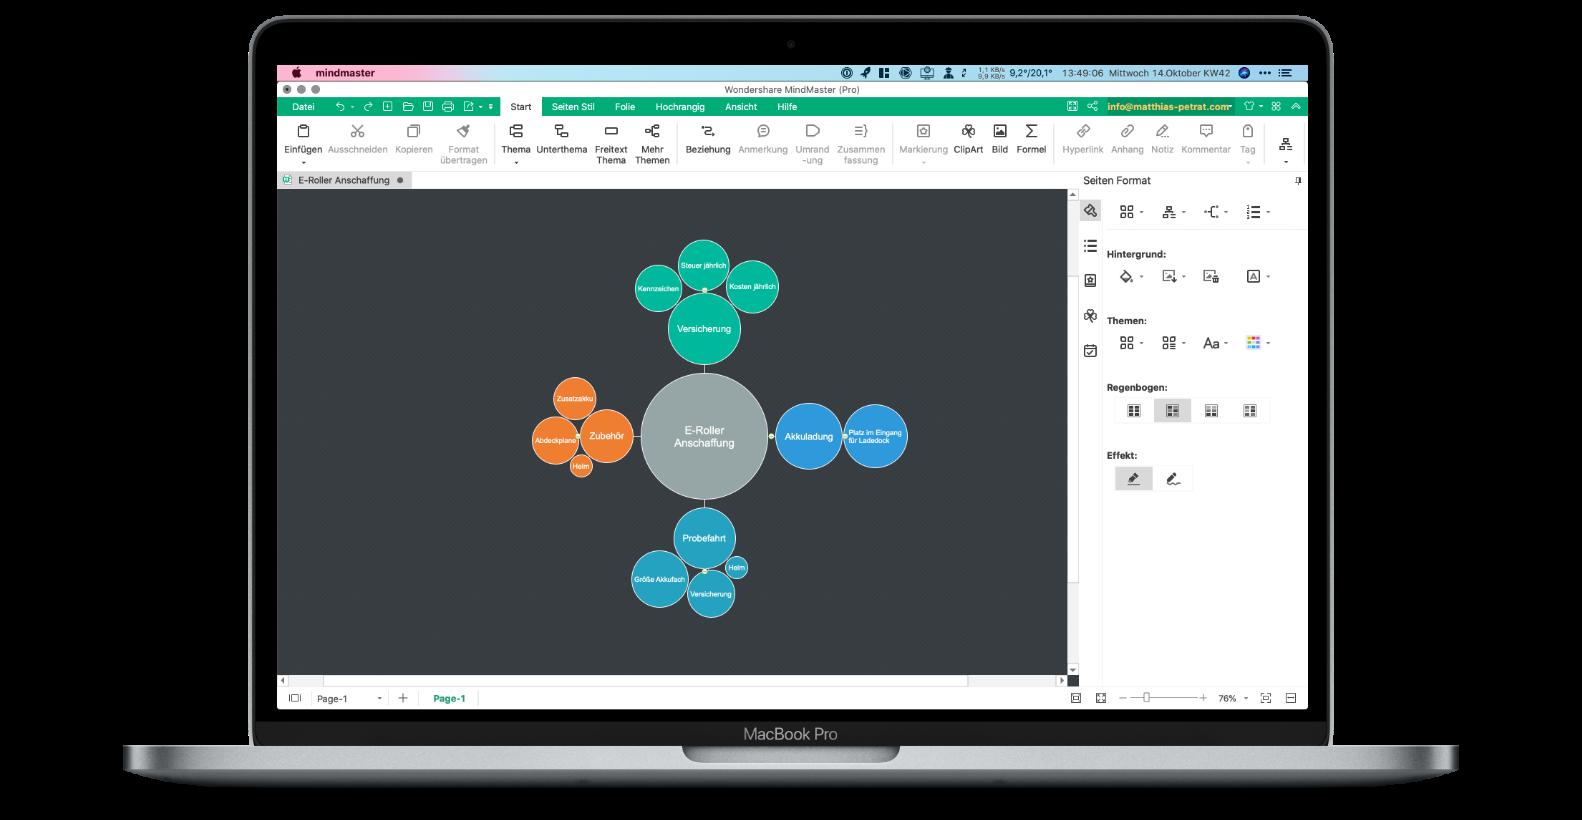 MindMaster-von-edraw-professionelles-Mindmapping-fuer-iPhone-iPad-und-den-Mac3 MindMaster von edraw - professionelles Mindmapping für iPhone, iPad und den Mac